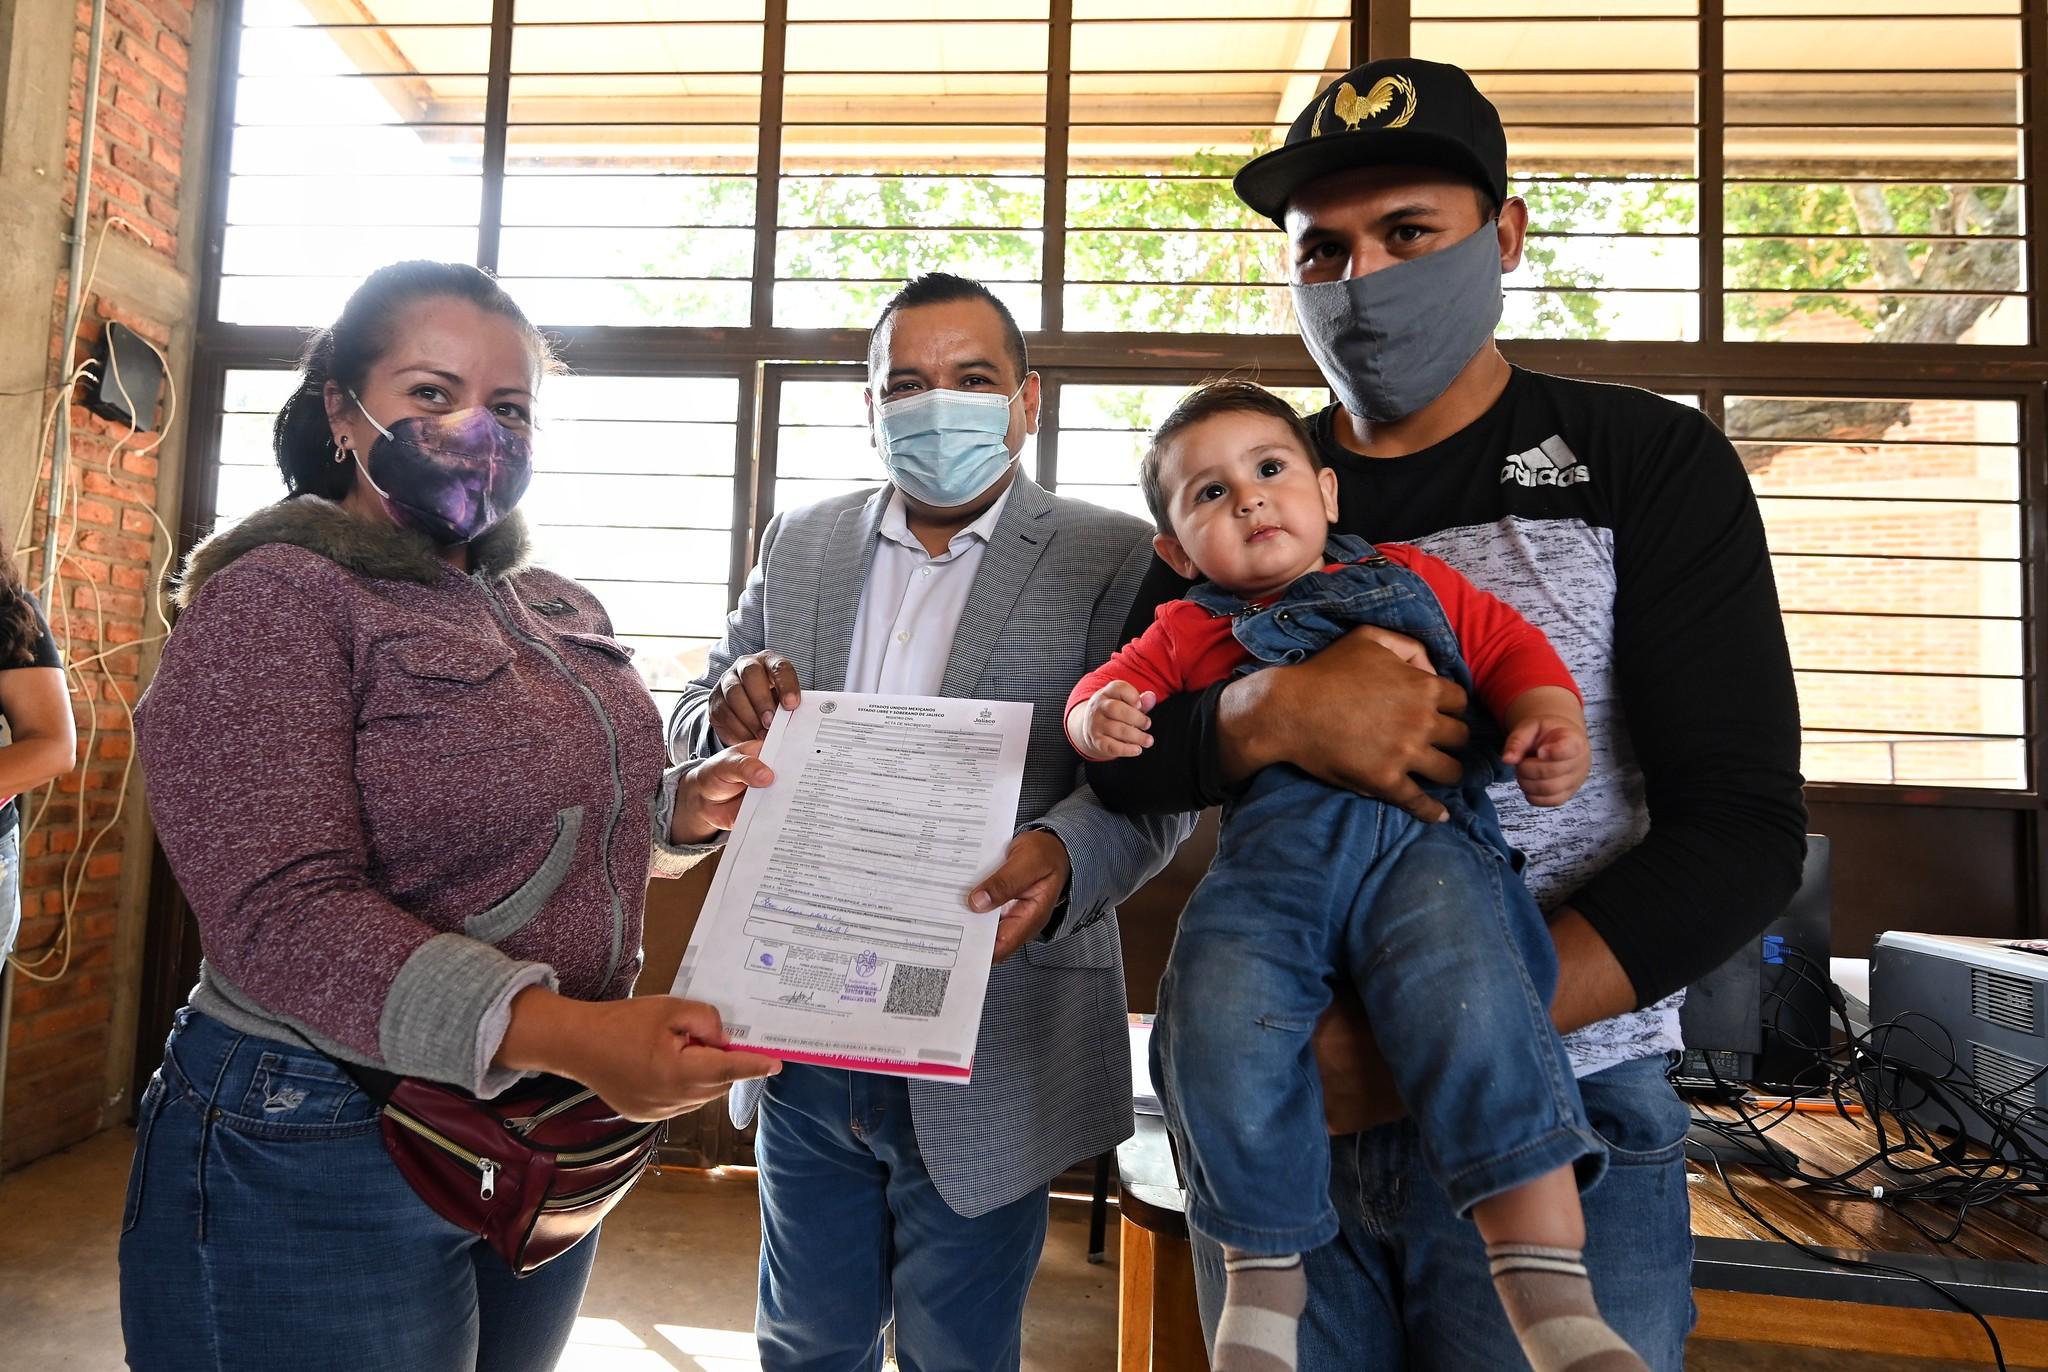 Con la entrega del Acta de Nacimiento, se restituye el Derecho a la Identidad de niñas, niños y adolescentes.